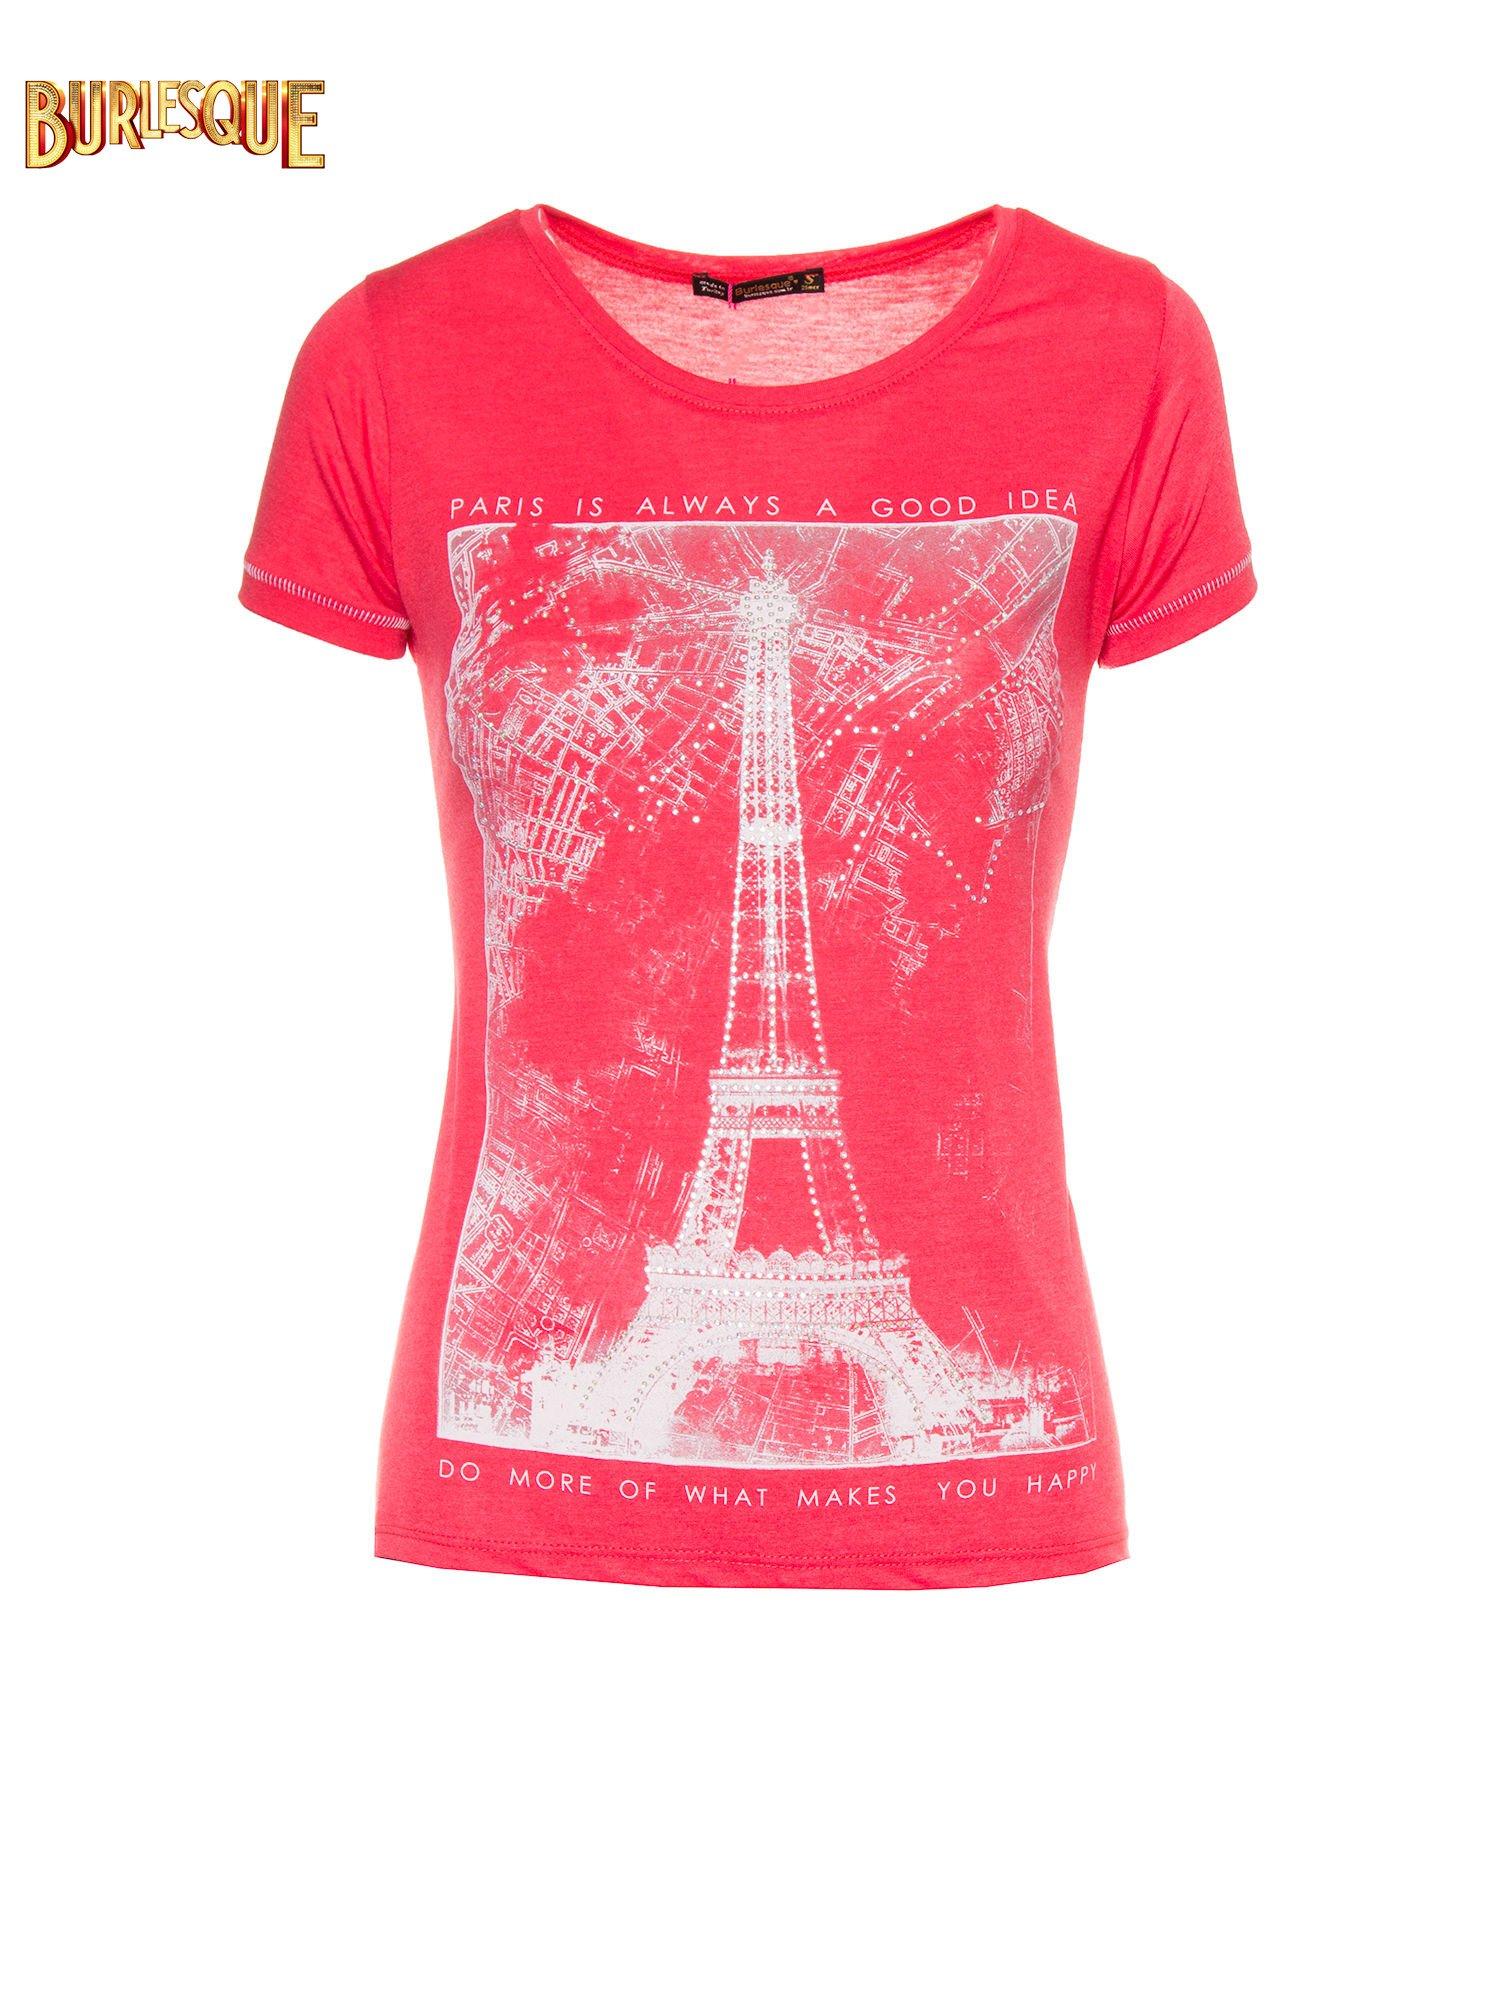 Czerwony t-shirt z nadrukiem wieży Eiffla                                  zdj.                                  1